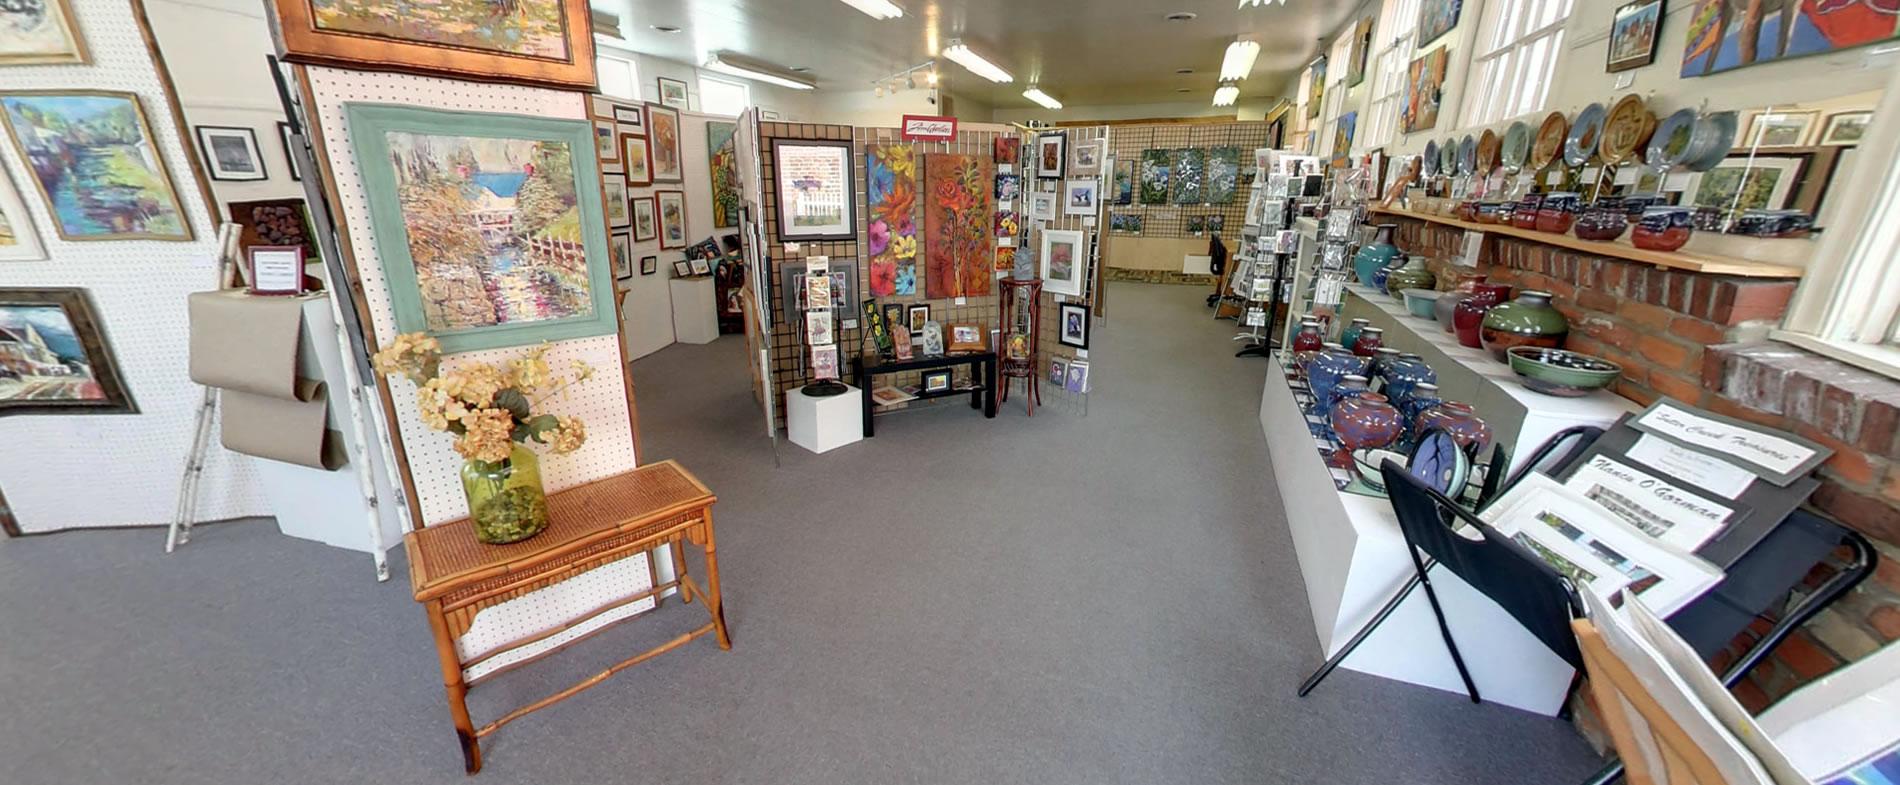 art galleries sutter creek shopping on main street